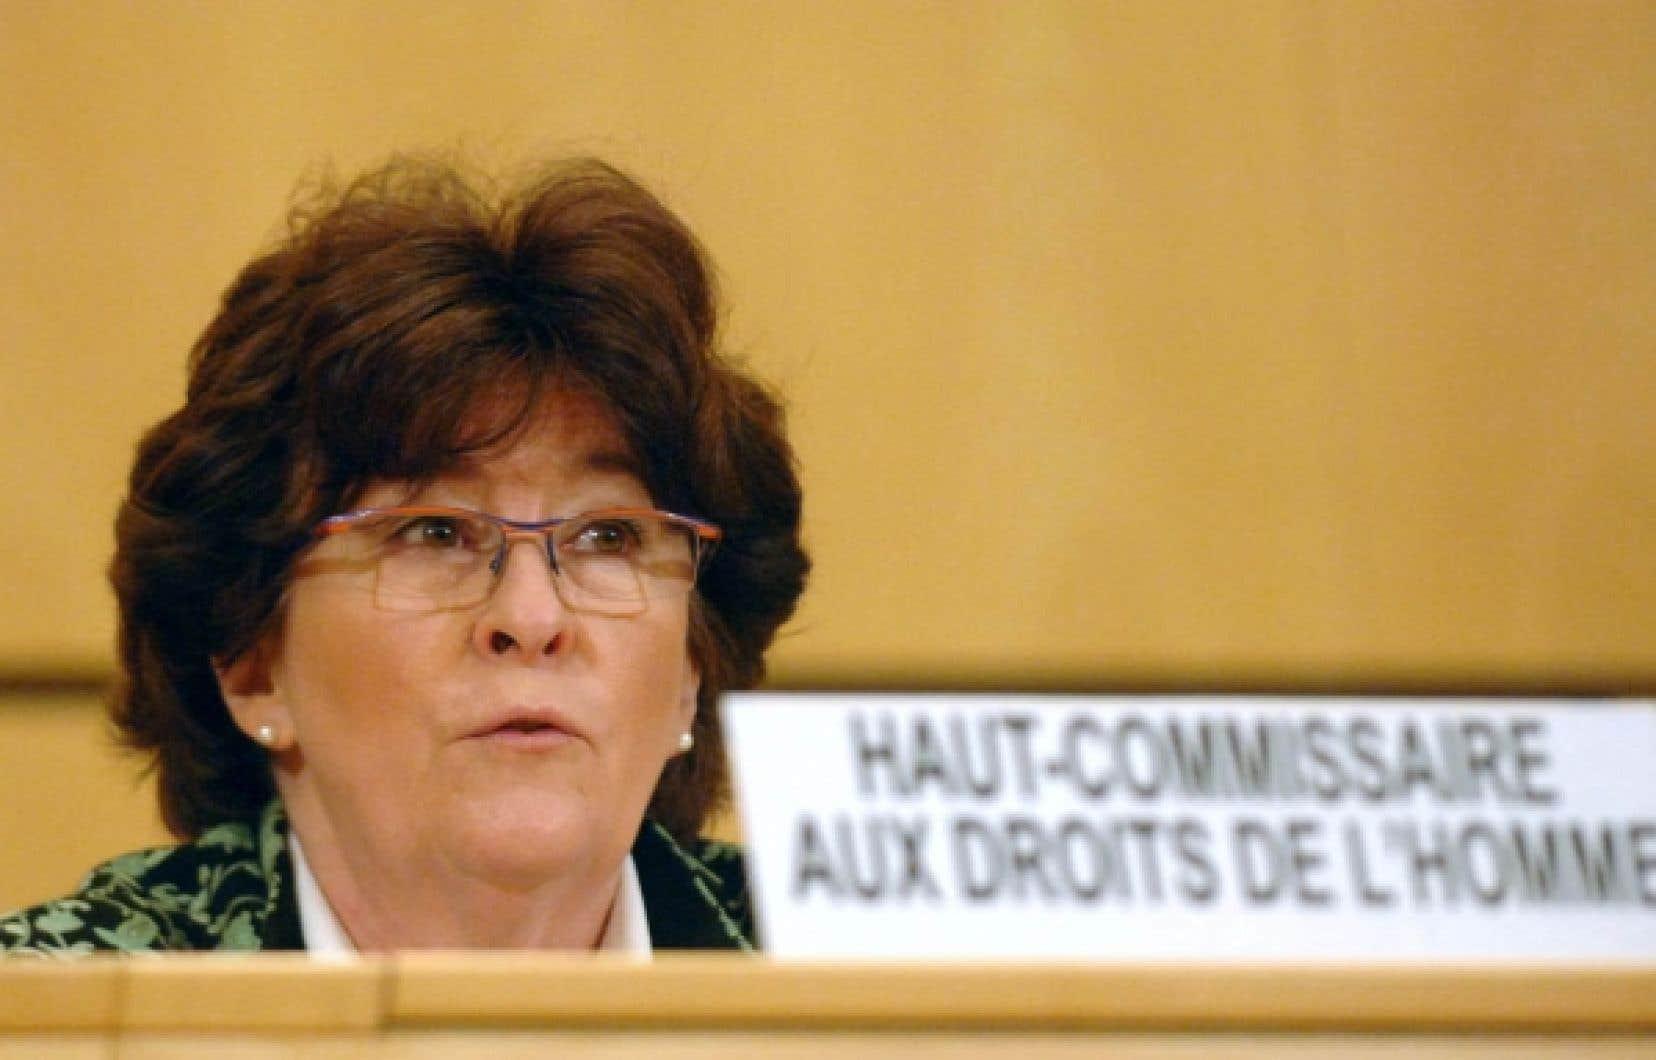 Louise Arbour, ex-haute-commissaire au Haut-Commissariat des Nations unies aux droits de l&rsquo;homme, est au nombre des signataires de la missive adress&eacute;e au premier ministre Harper.<br />